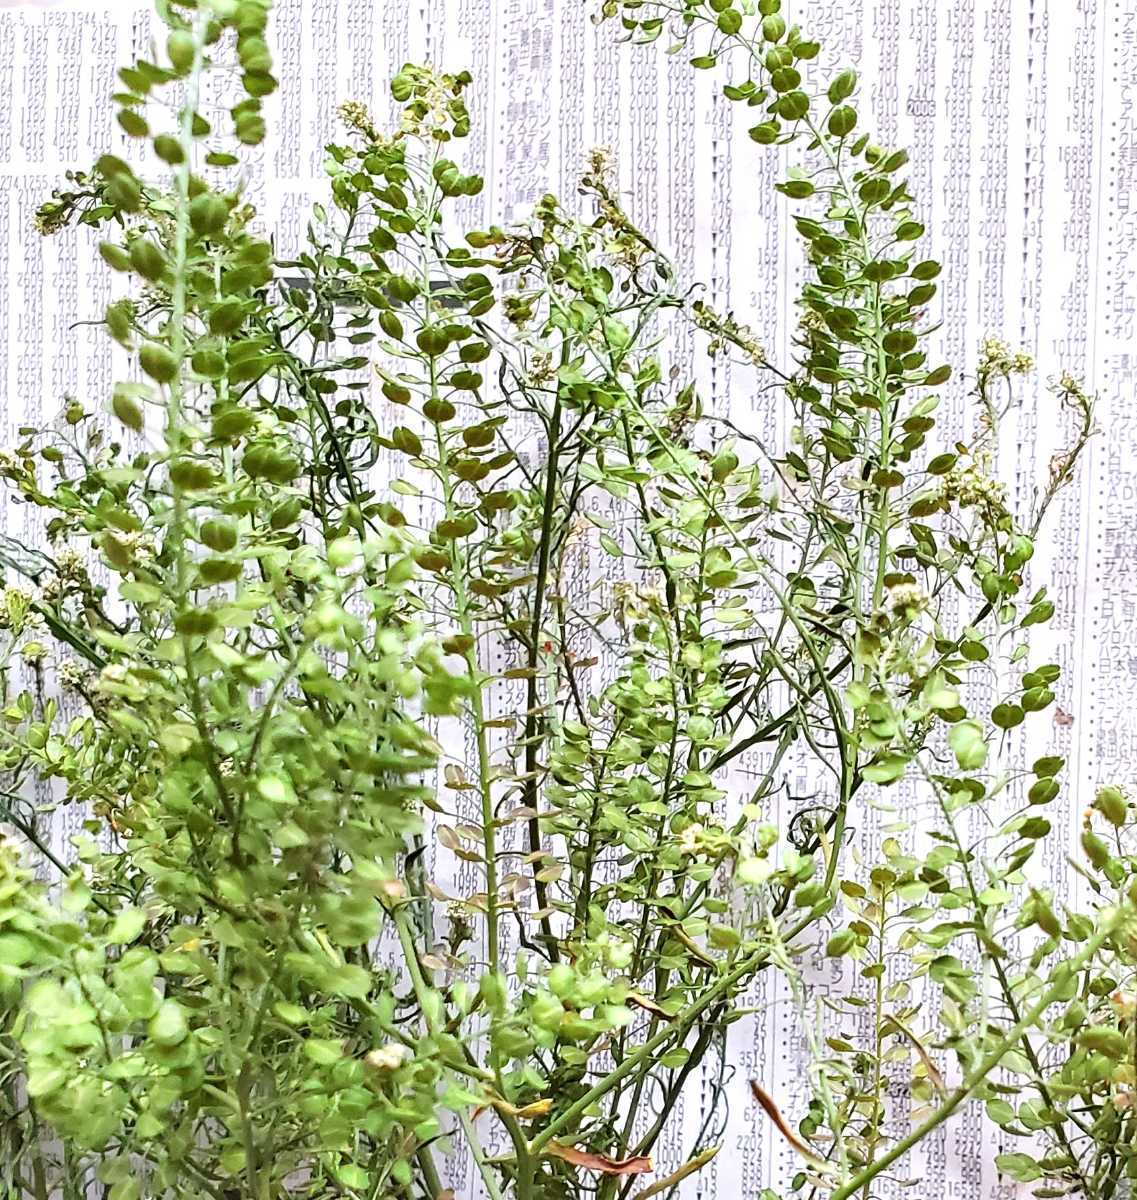 マメグンバイナズナ 種 200粒以上 アブラナ科 ドライフラワー スワッグ リース アレンジ 山野草 _画像4